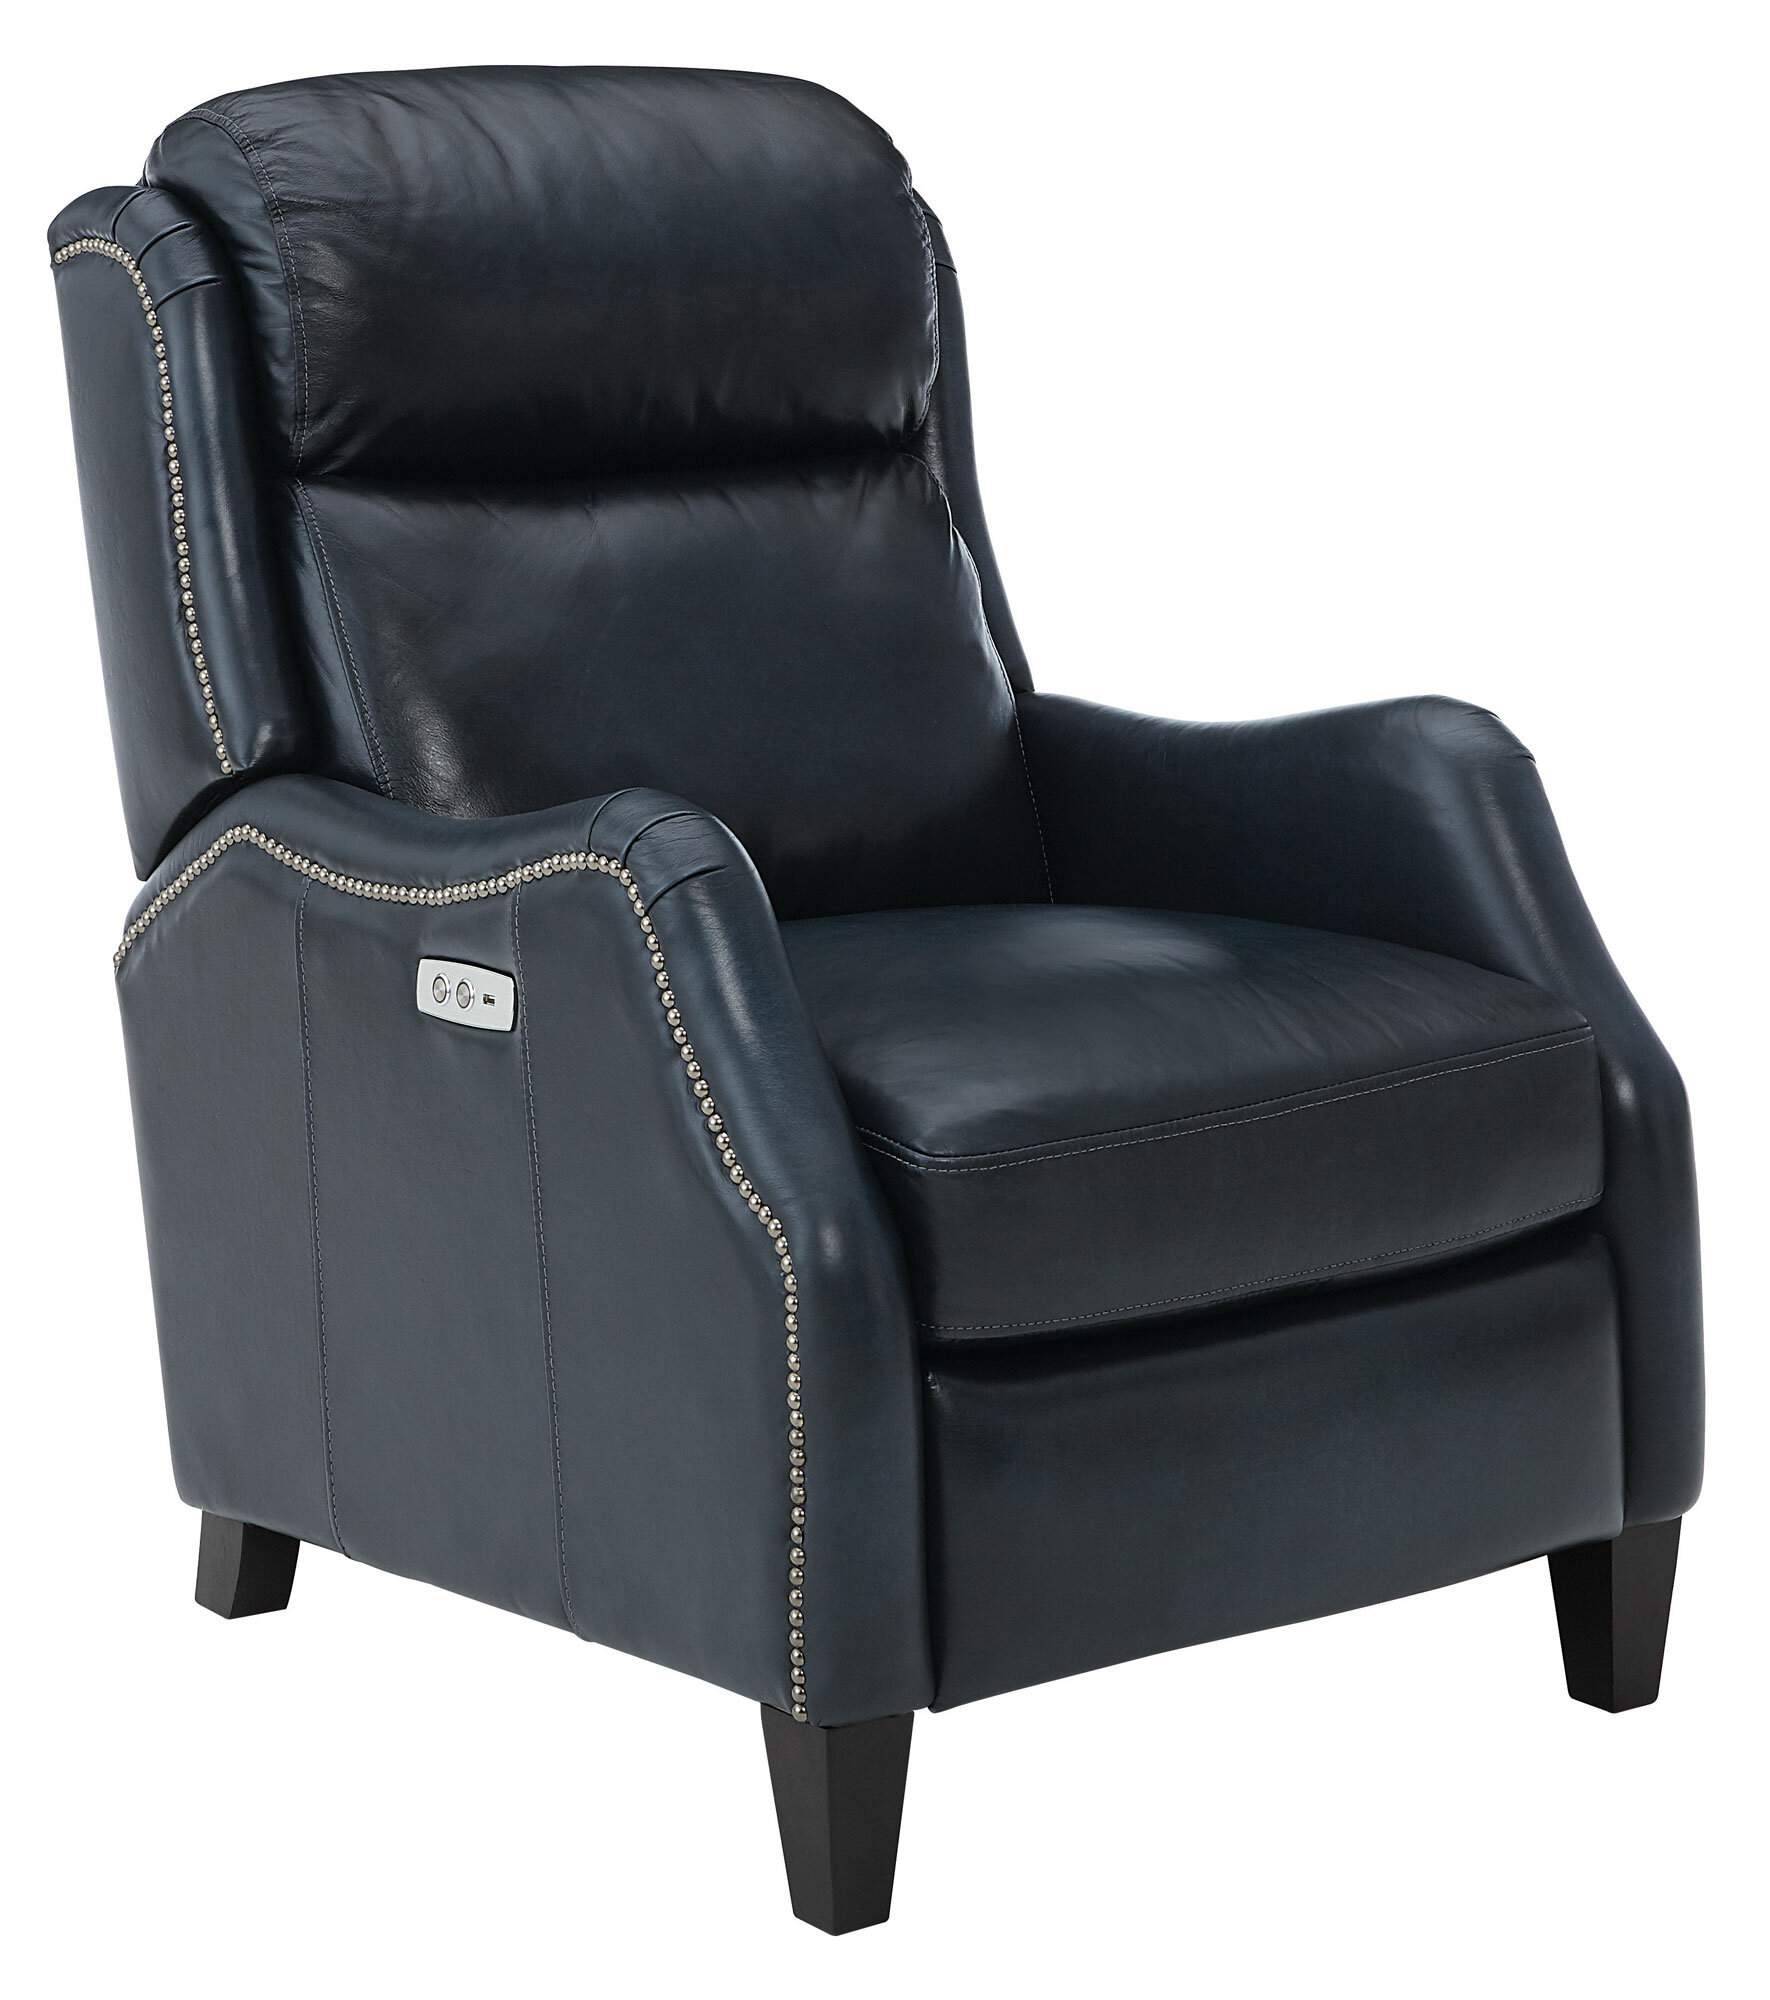 Bernhardt isaac power recliner wayfair